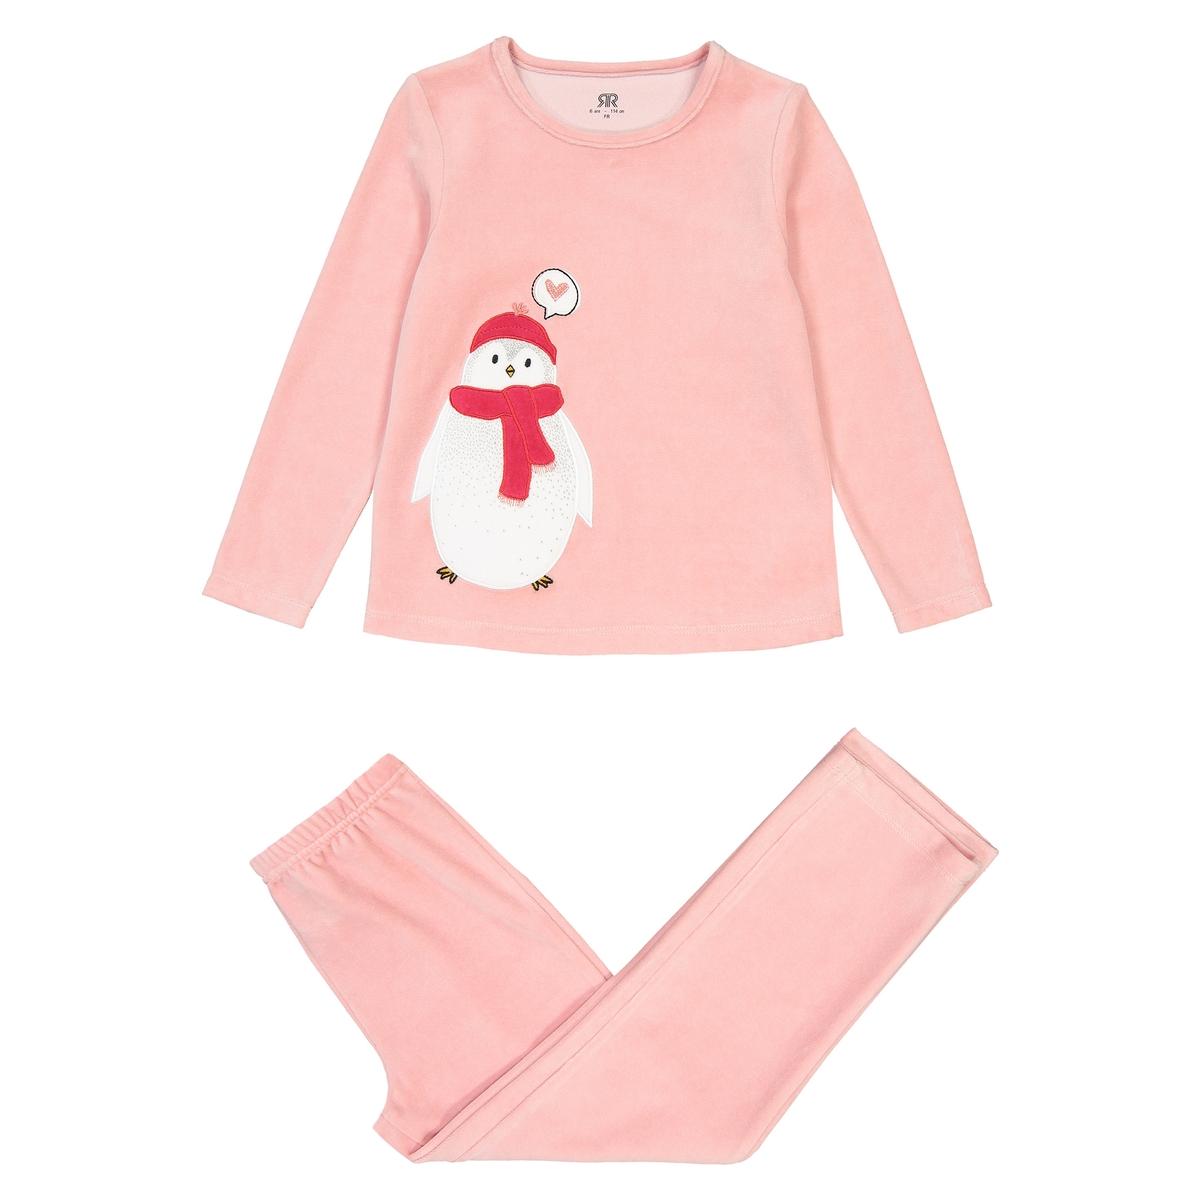 Пижама La Redoute Из велюра с вышитым рисунком пингвин 12 лет -150 см розовый пижама la redoute из велюра с рисунком панда 12 лет 150 см бежевый